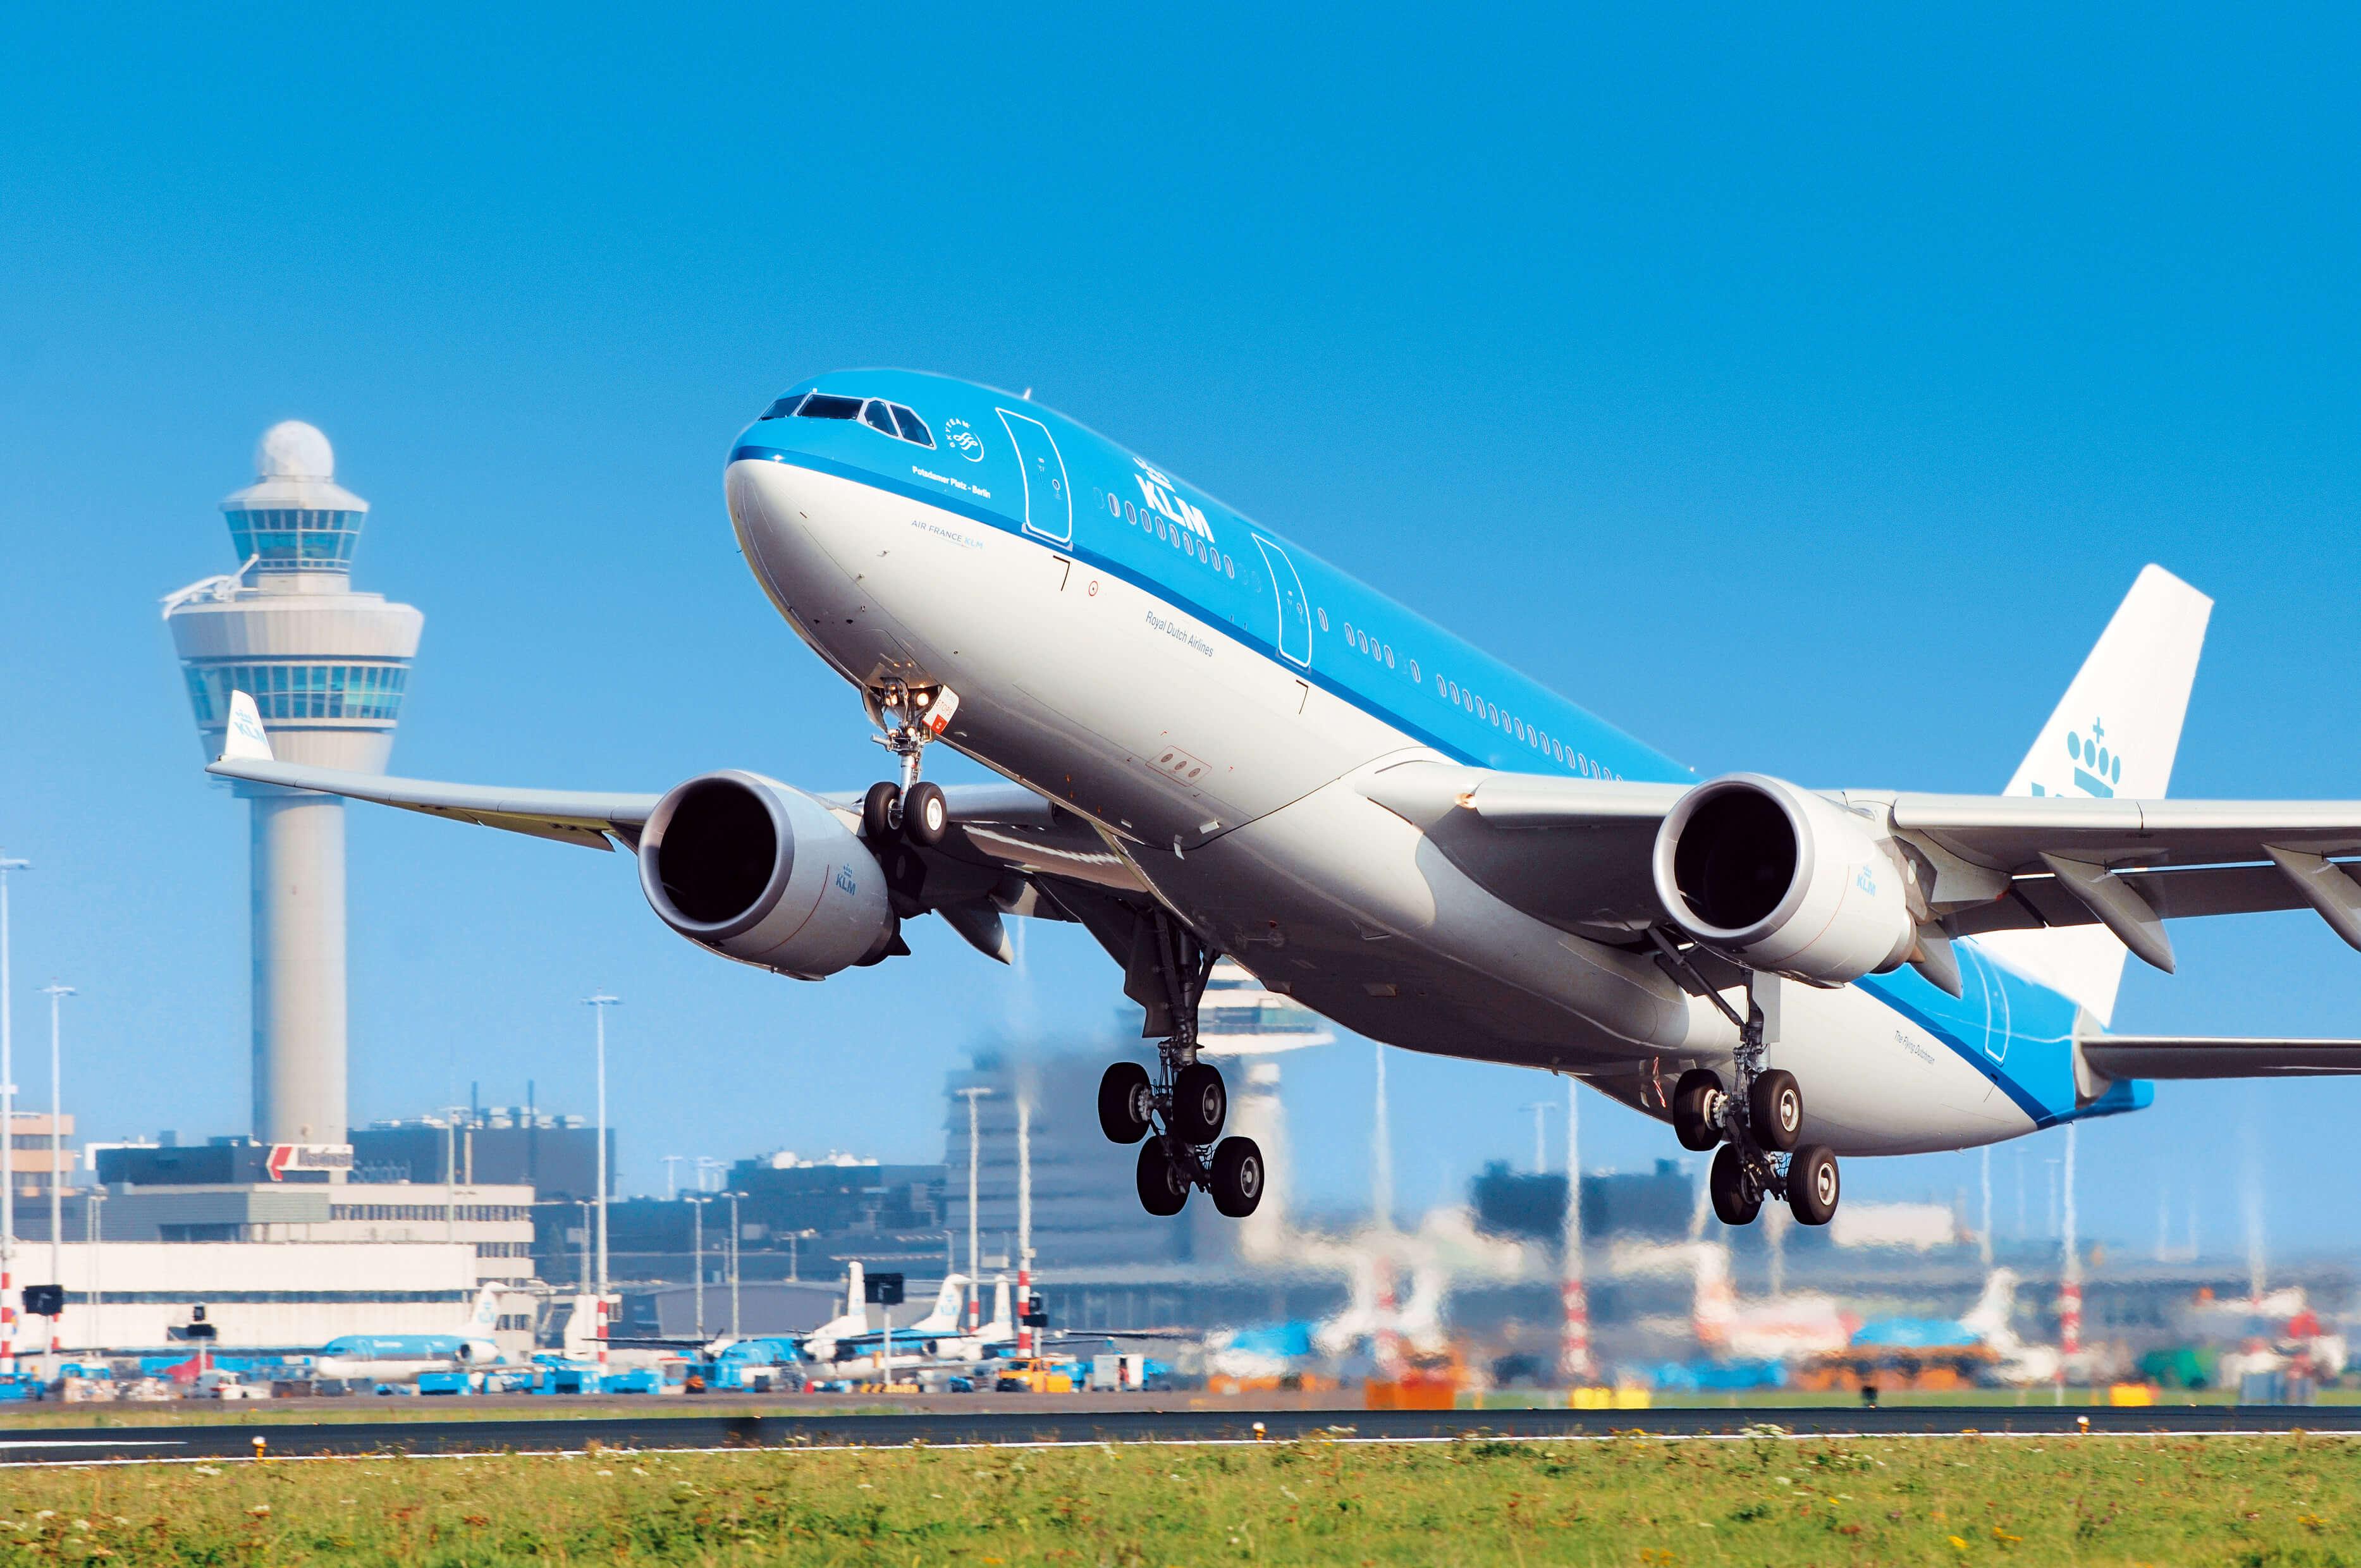 Αποτέλεσμα εικόνας για H KLM διατηρεί την πρωινή πτήση Αθήνα – Άμστερνταμ κατά τη χειμερινή περίοδο 2017-2018